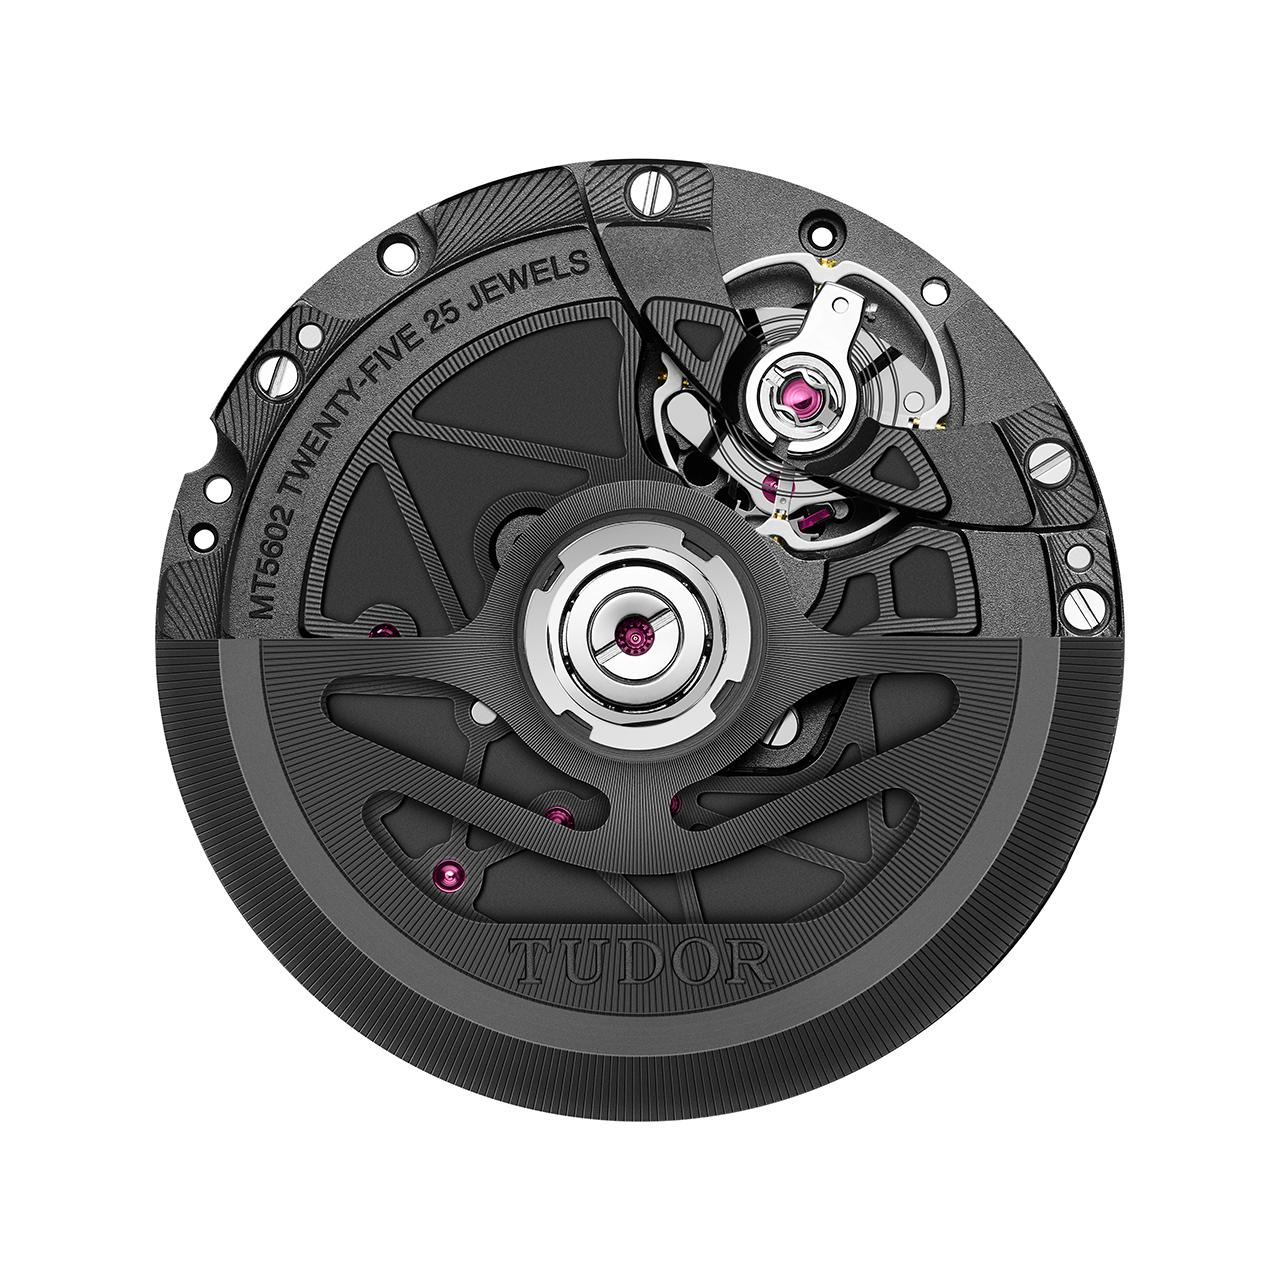 TUDOR MT5602-1U jelű, igen pontos, a 15.000 gauss elektromágneses térnek is ellenálló mechanika. Forrás: TUDOR